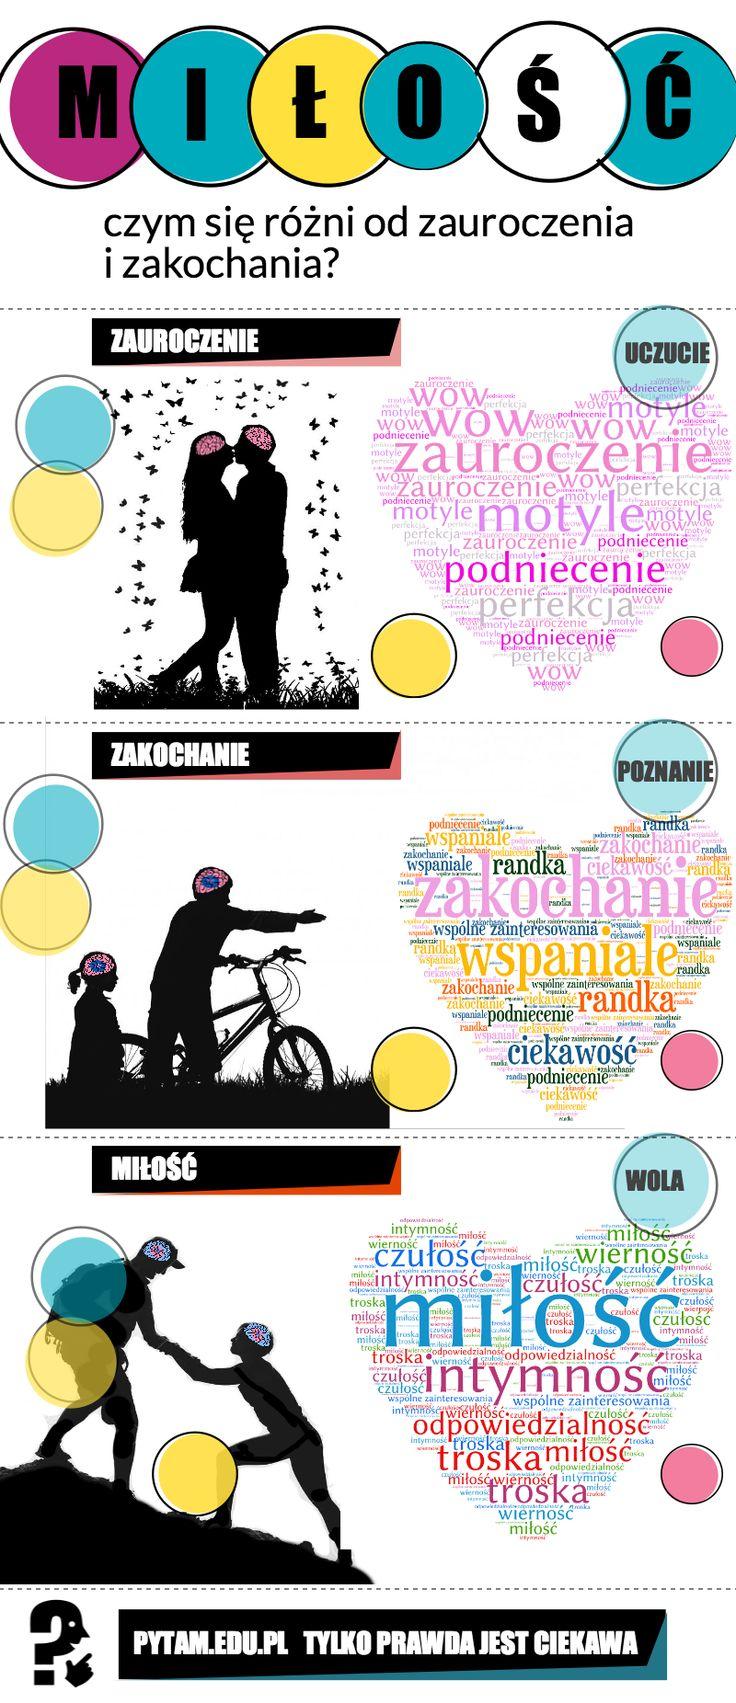 Czy zauroczenie, zakochanie i miłość to to samo?  infografika